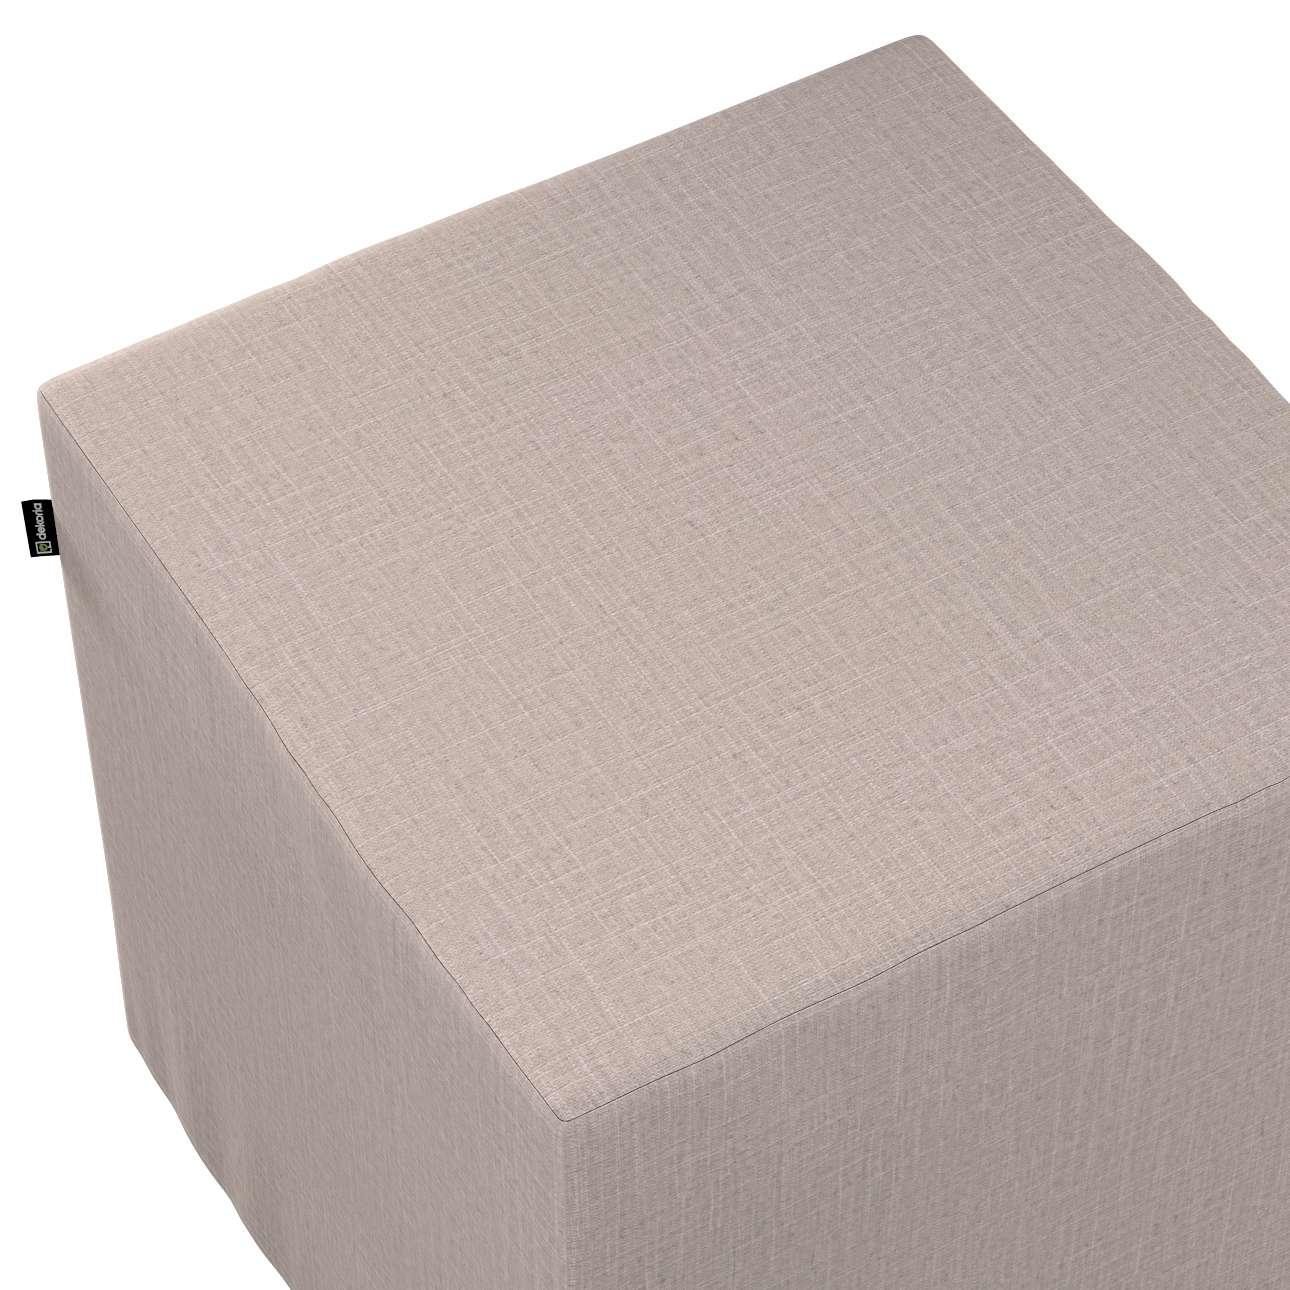 Sitzwürfel von der Kollektion Living II, Stoff: 160-85